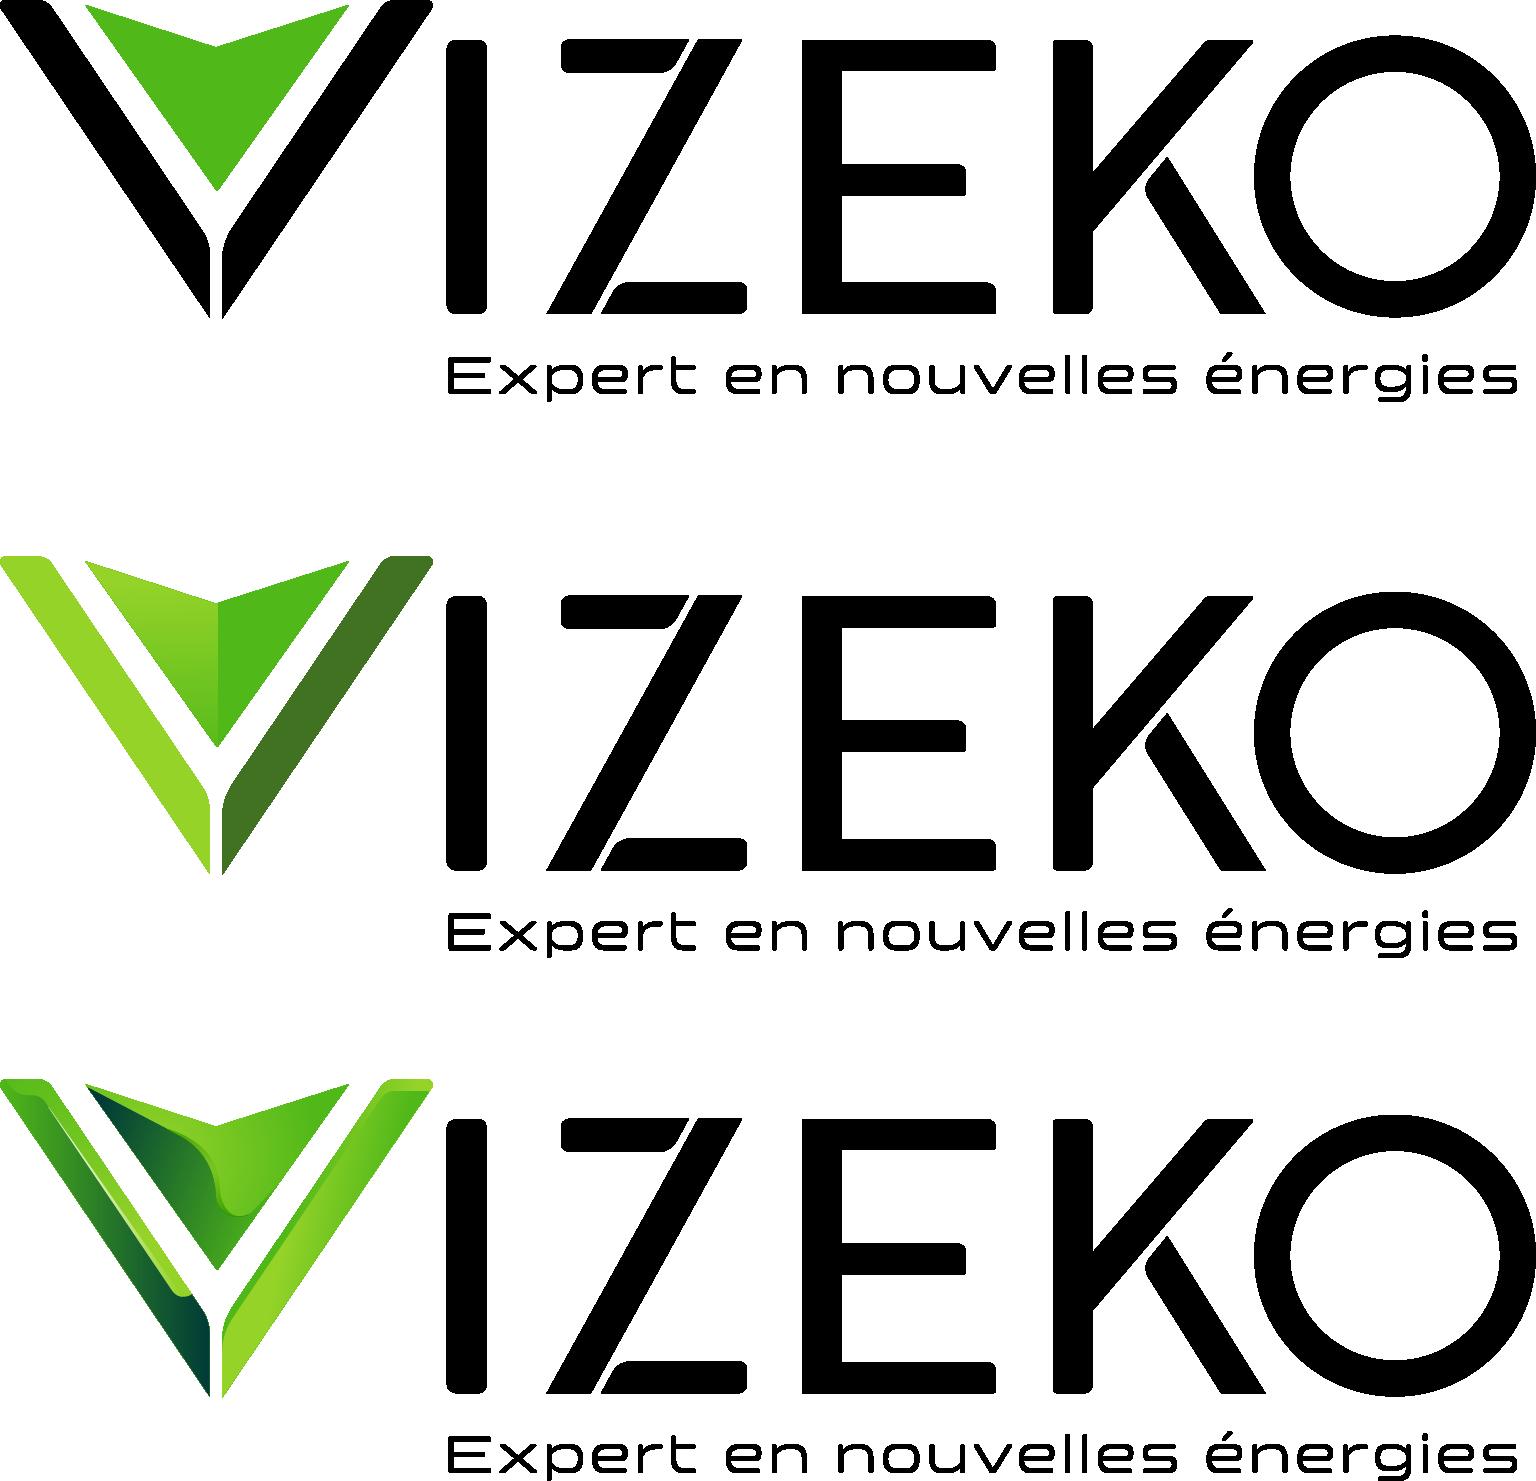 réalisation du Logo Vizeko - Moderne, Fort et tourné vers l'environnement